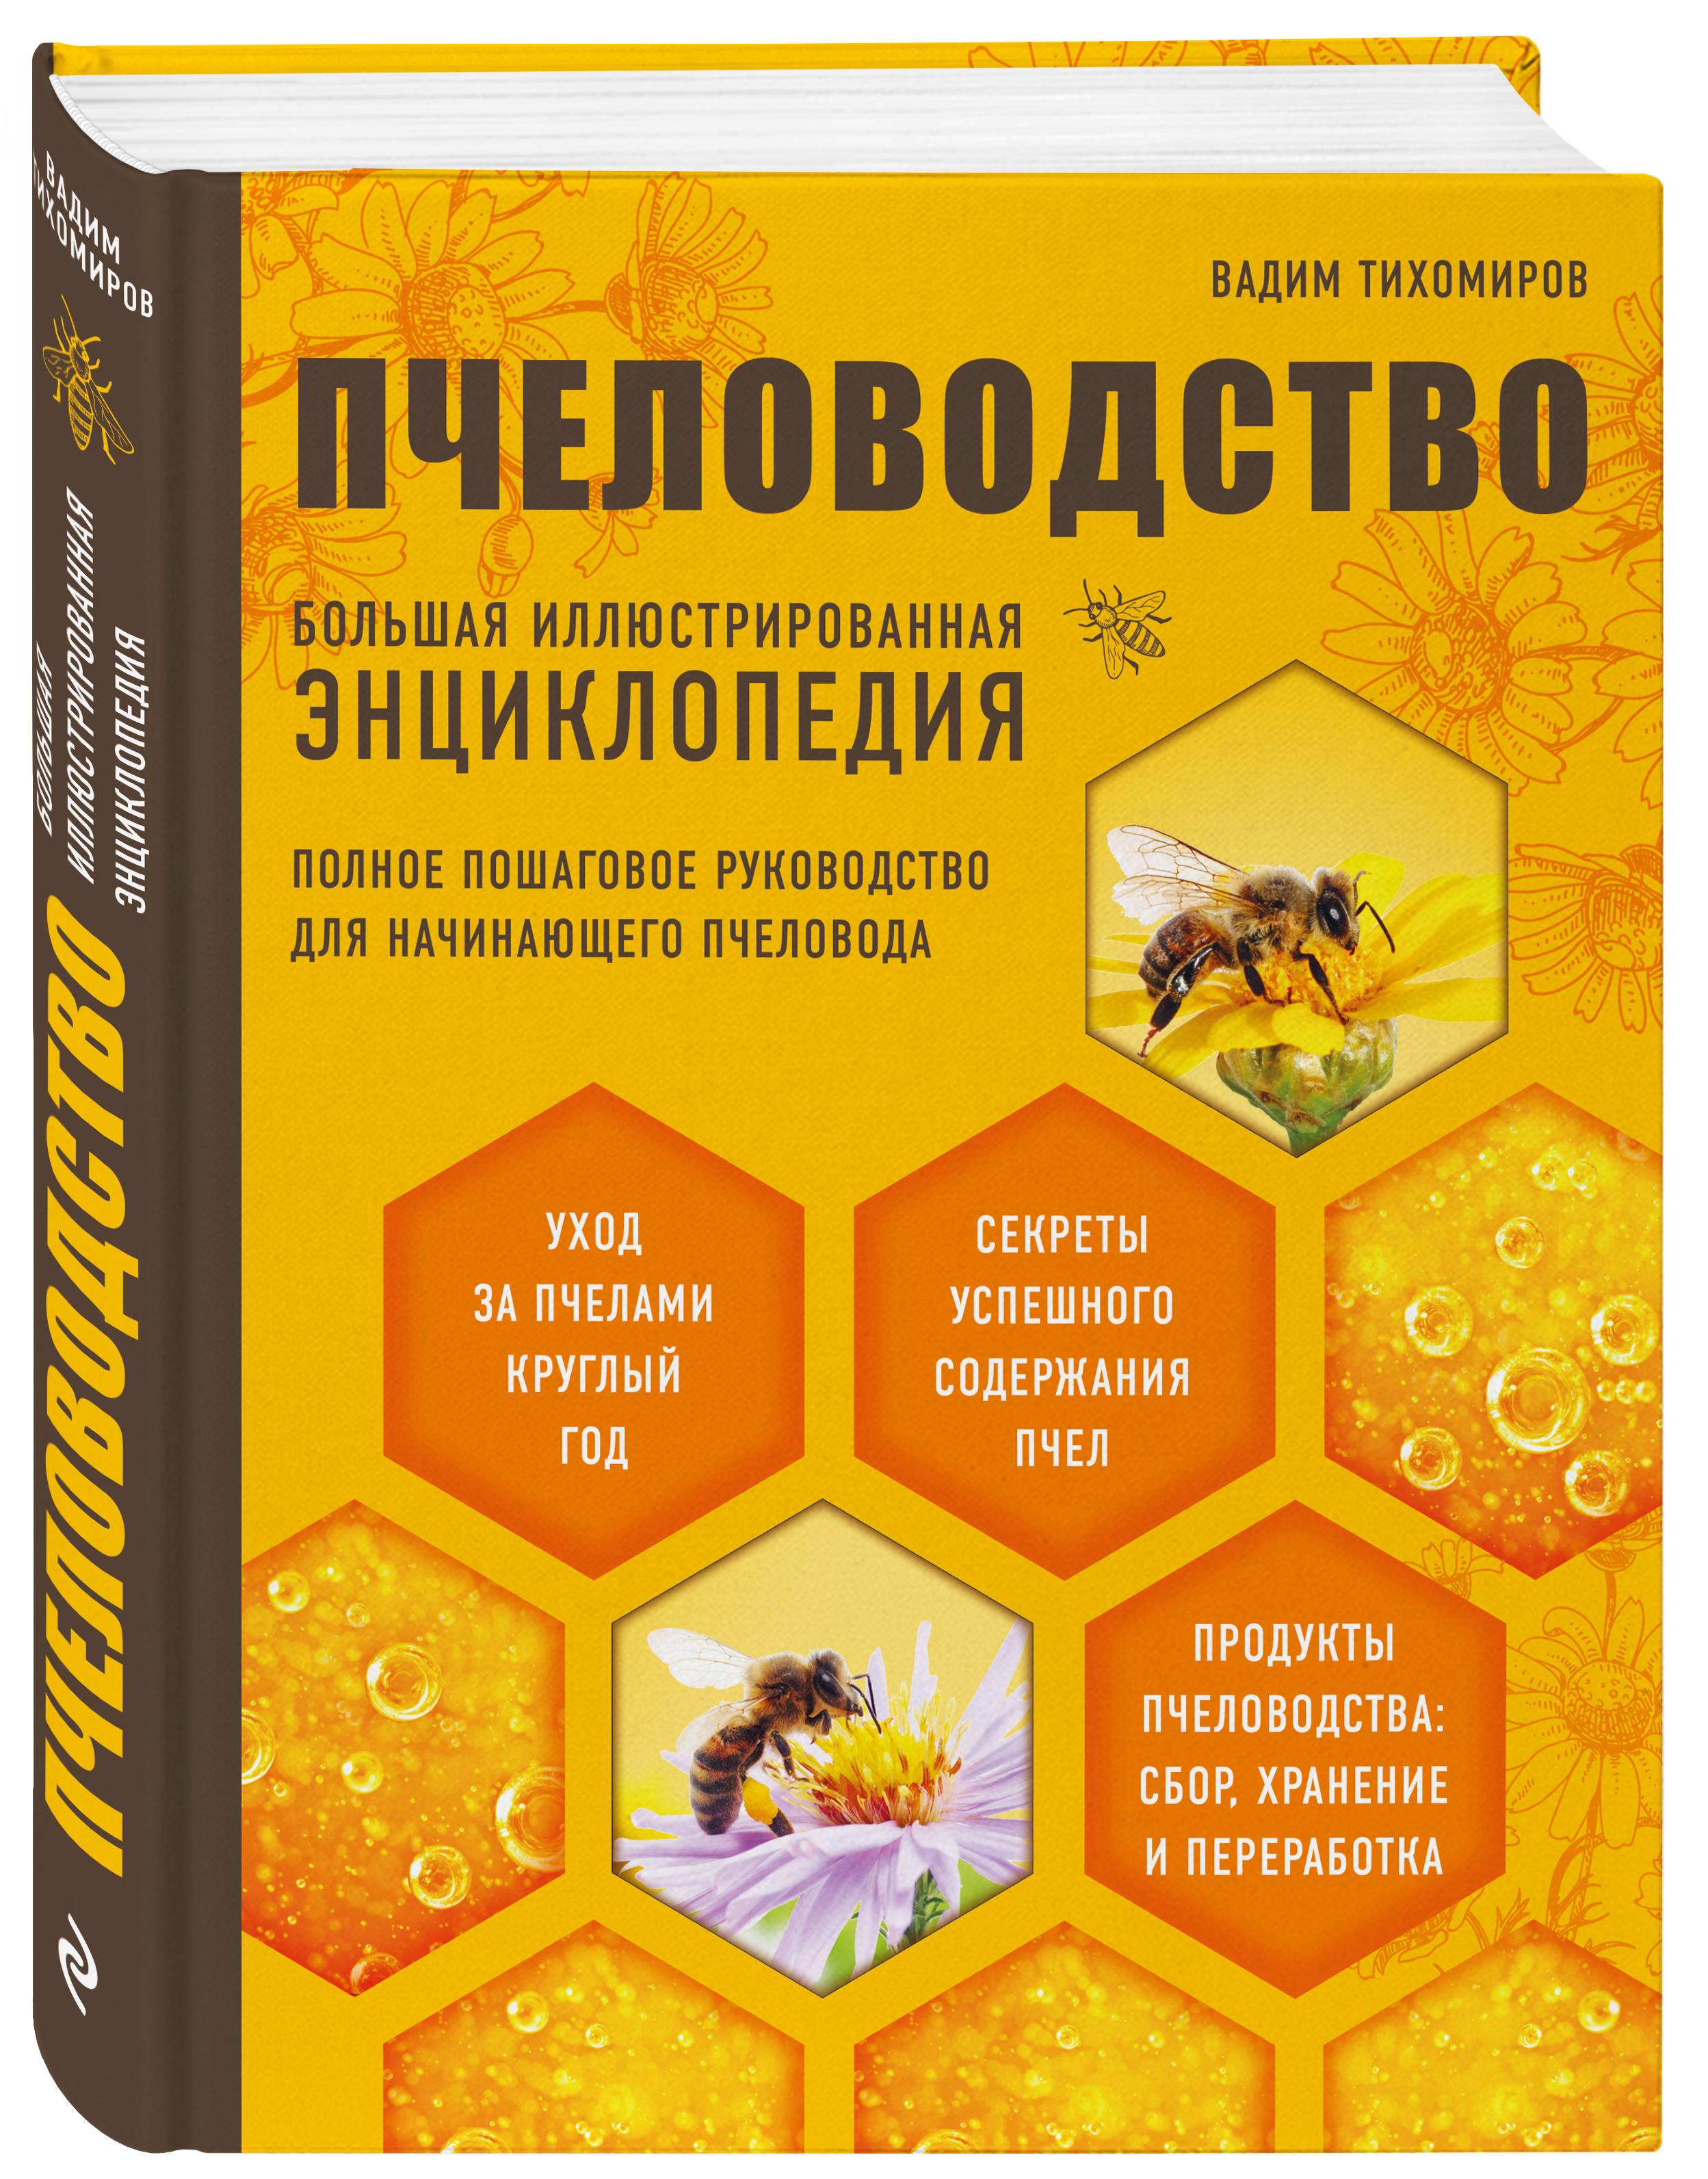 Пчеловодство. Большая иллюстрированная энциклопедия (2-е изд.) ( Тихомиров В.В.  )